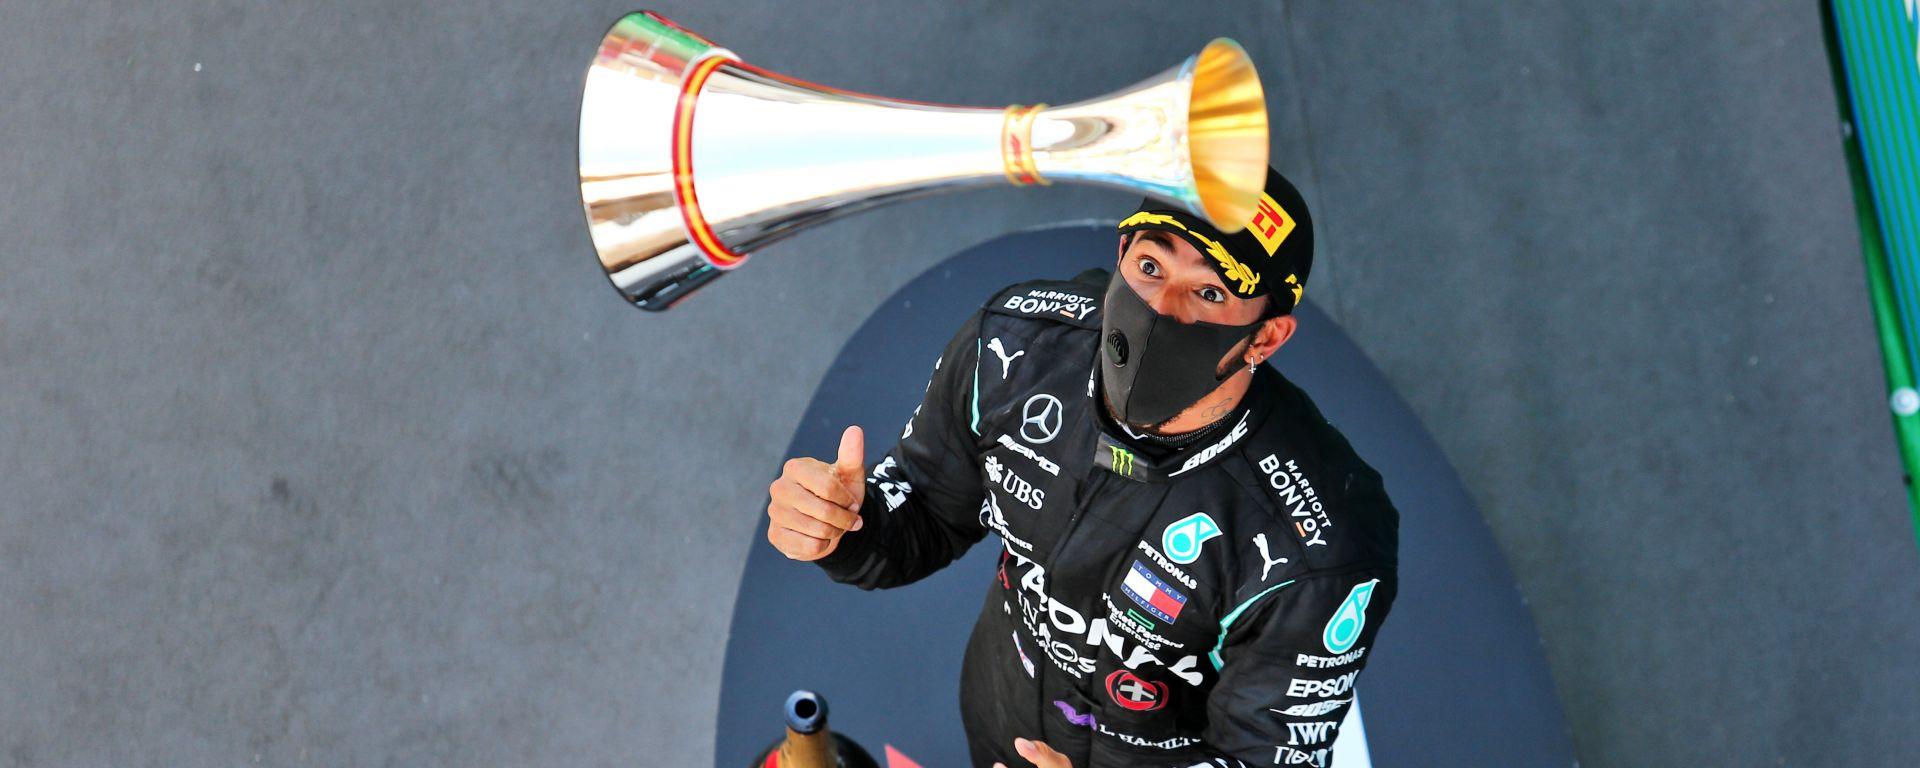 F1, GP Spagna 2020: Lewis Hamilton con il trofeo del vincitore